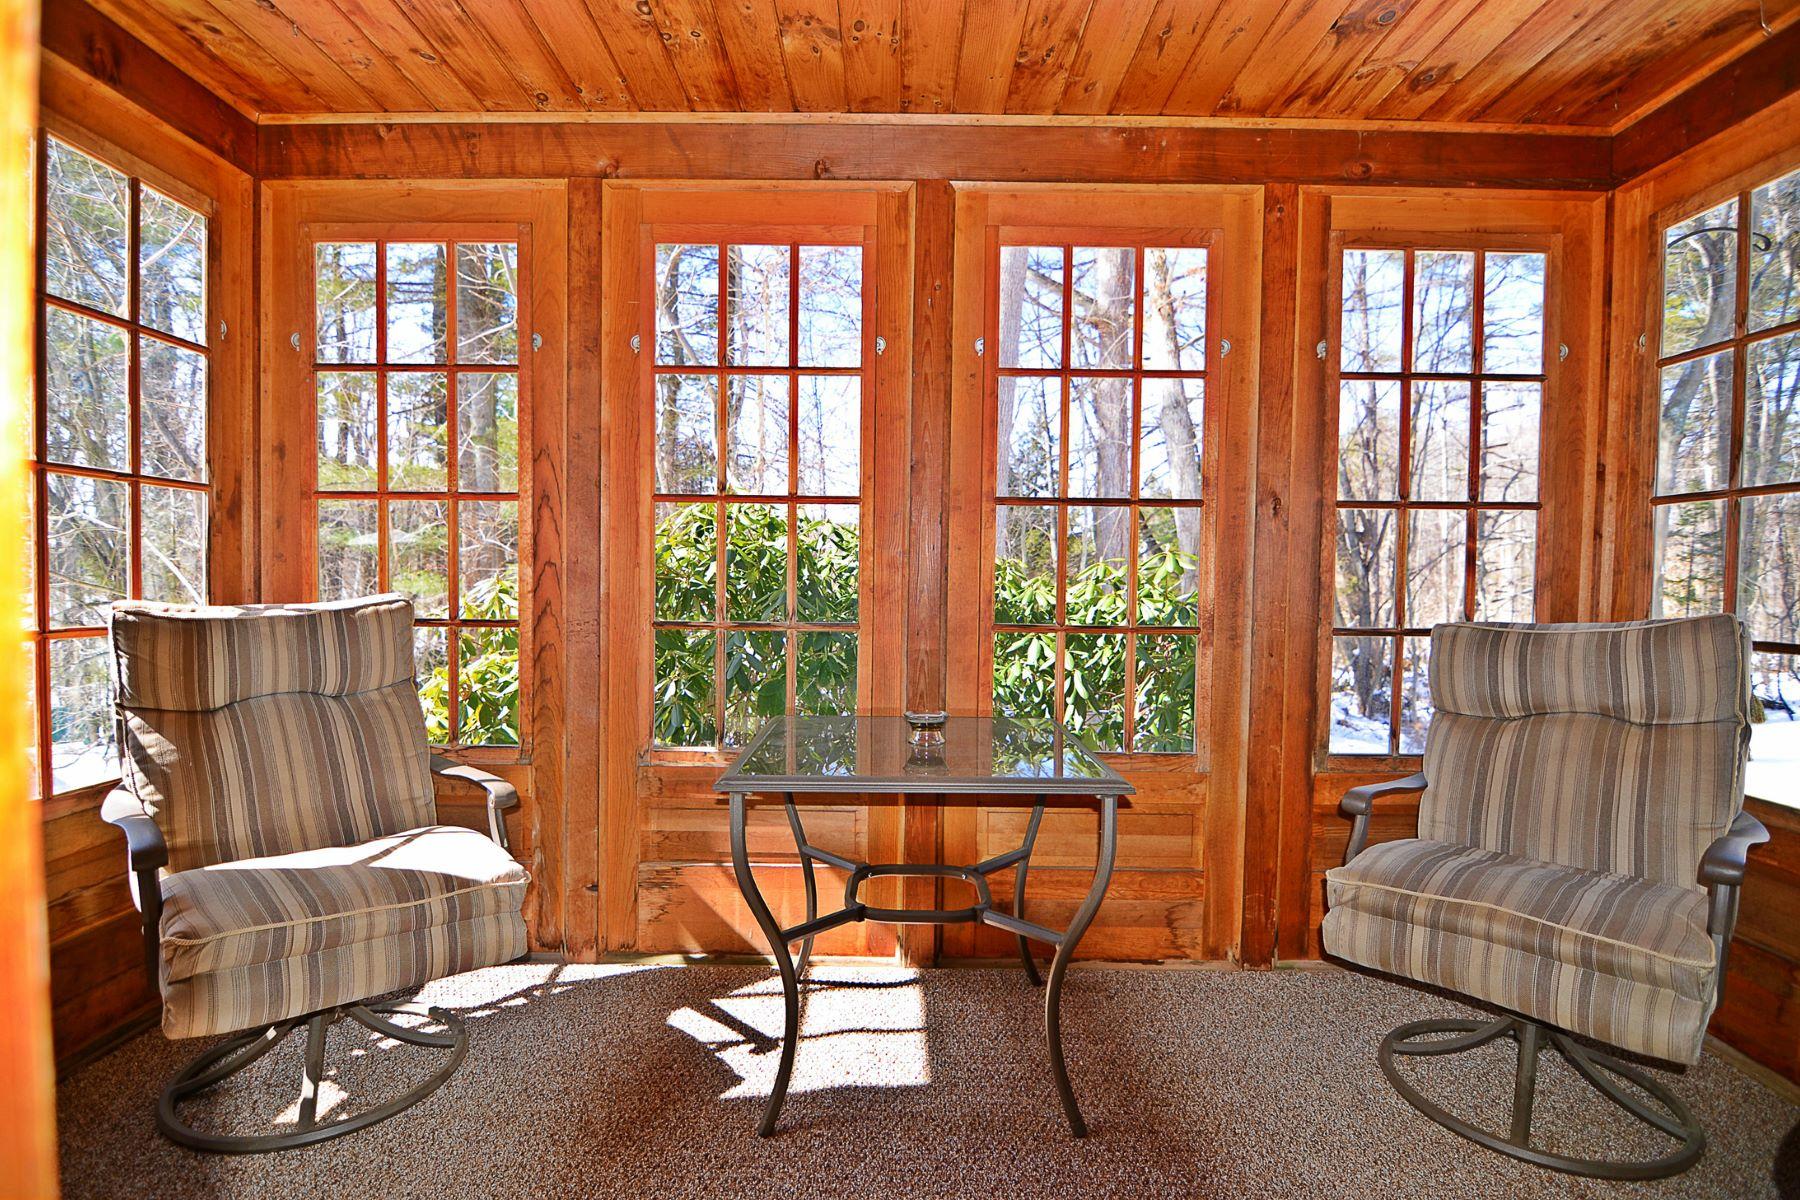 共管式独立产权公寓 为 销售 在 674 Elm Street 26, Laconia 674 Elm St 26 拉科尼亚, 新罕布什尔州 03246 美国